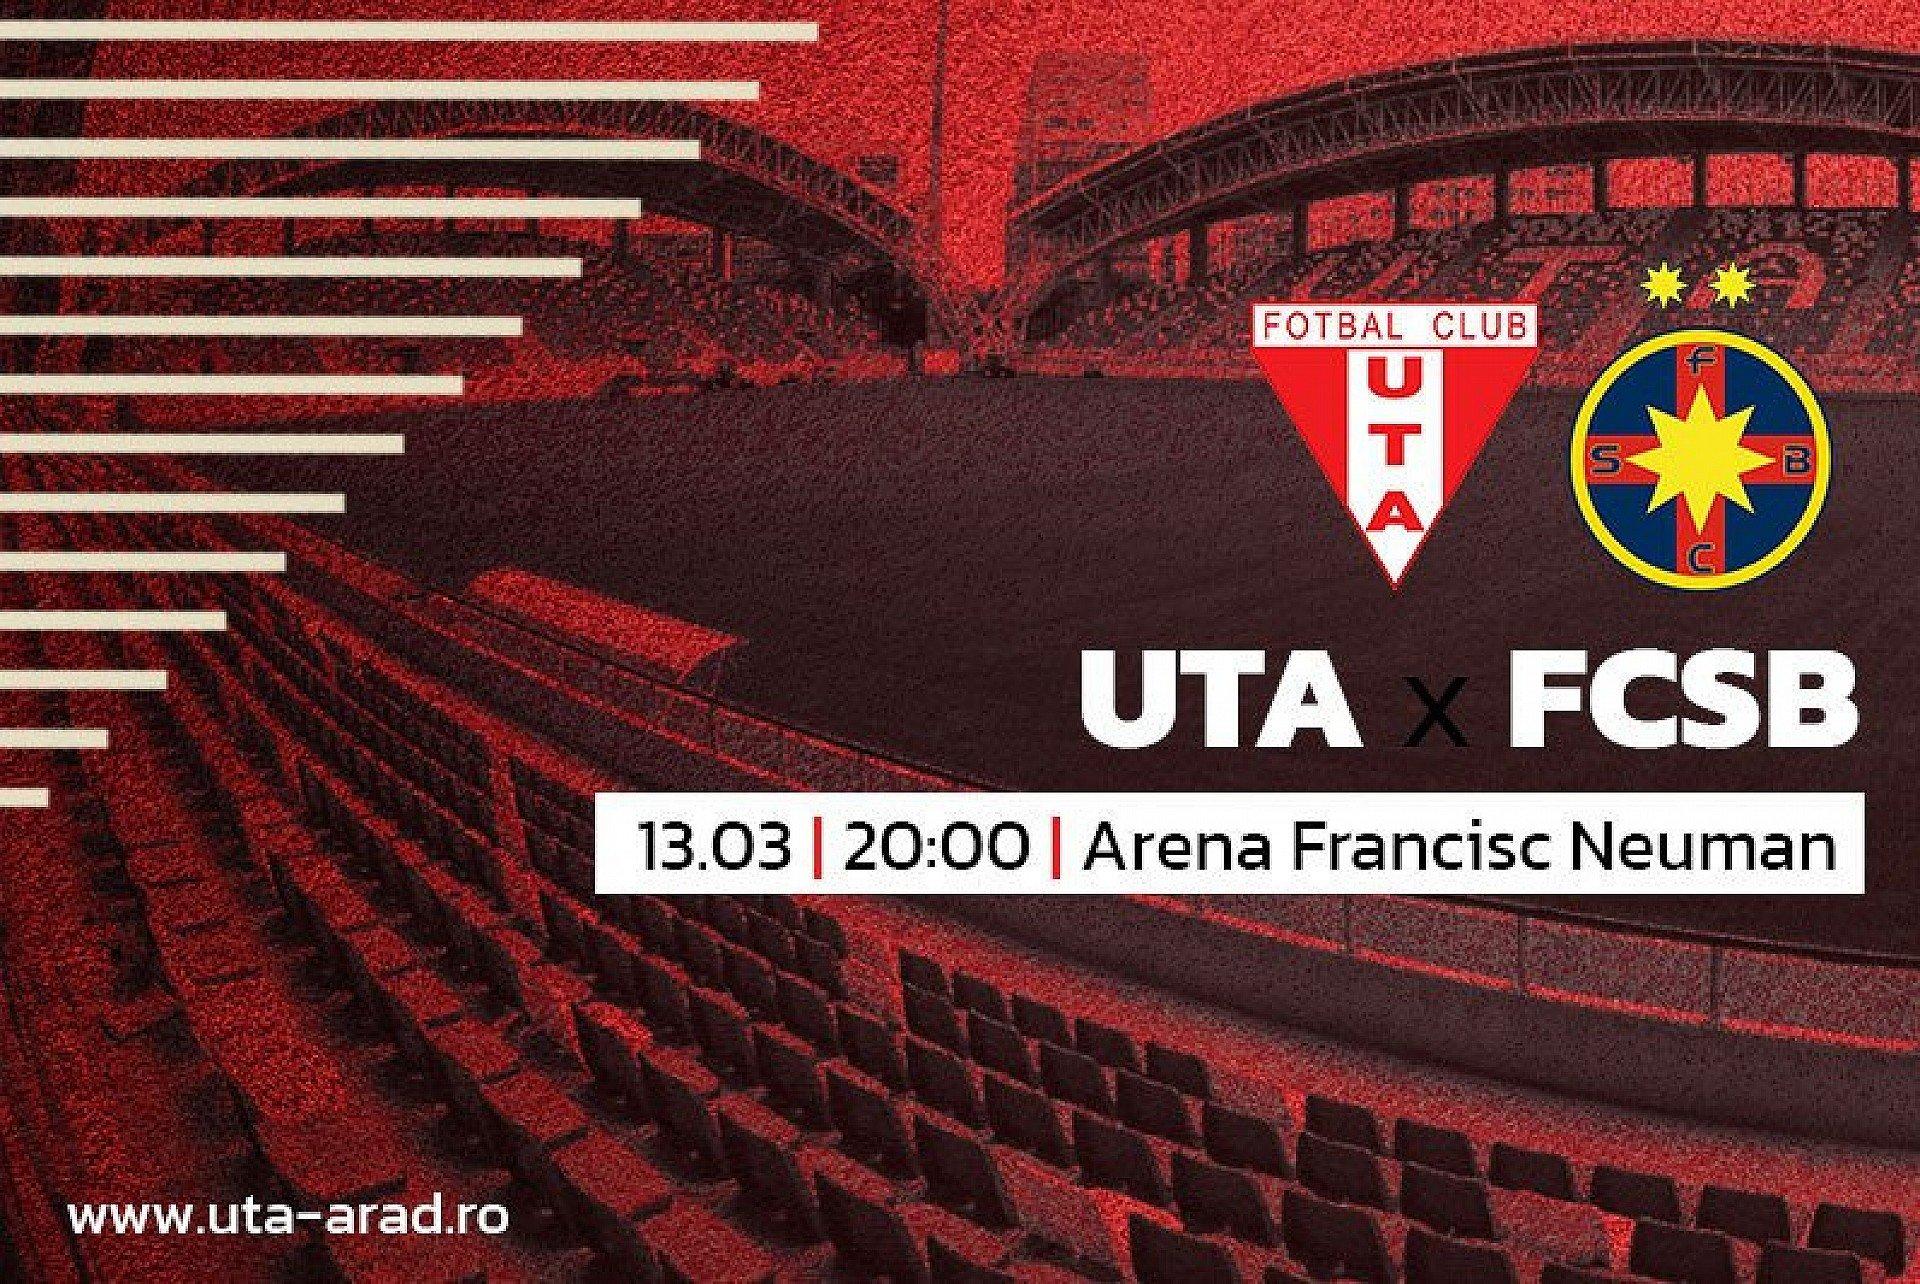 """Imagine Mâine, UTA - FCSB / """"Foame de fotbal, de rezultat, de performanță!"""""""